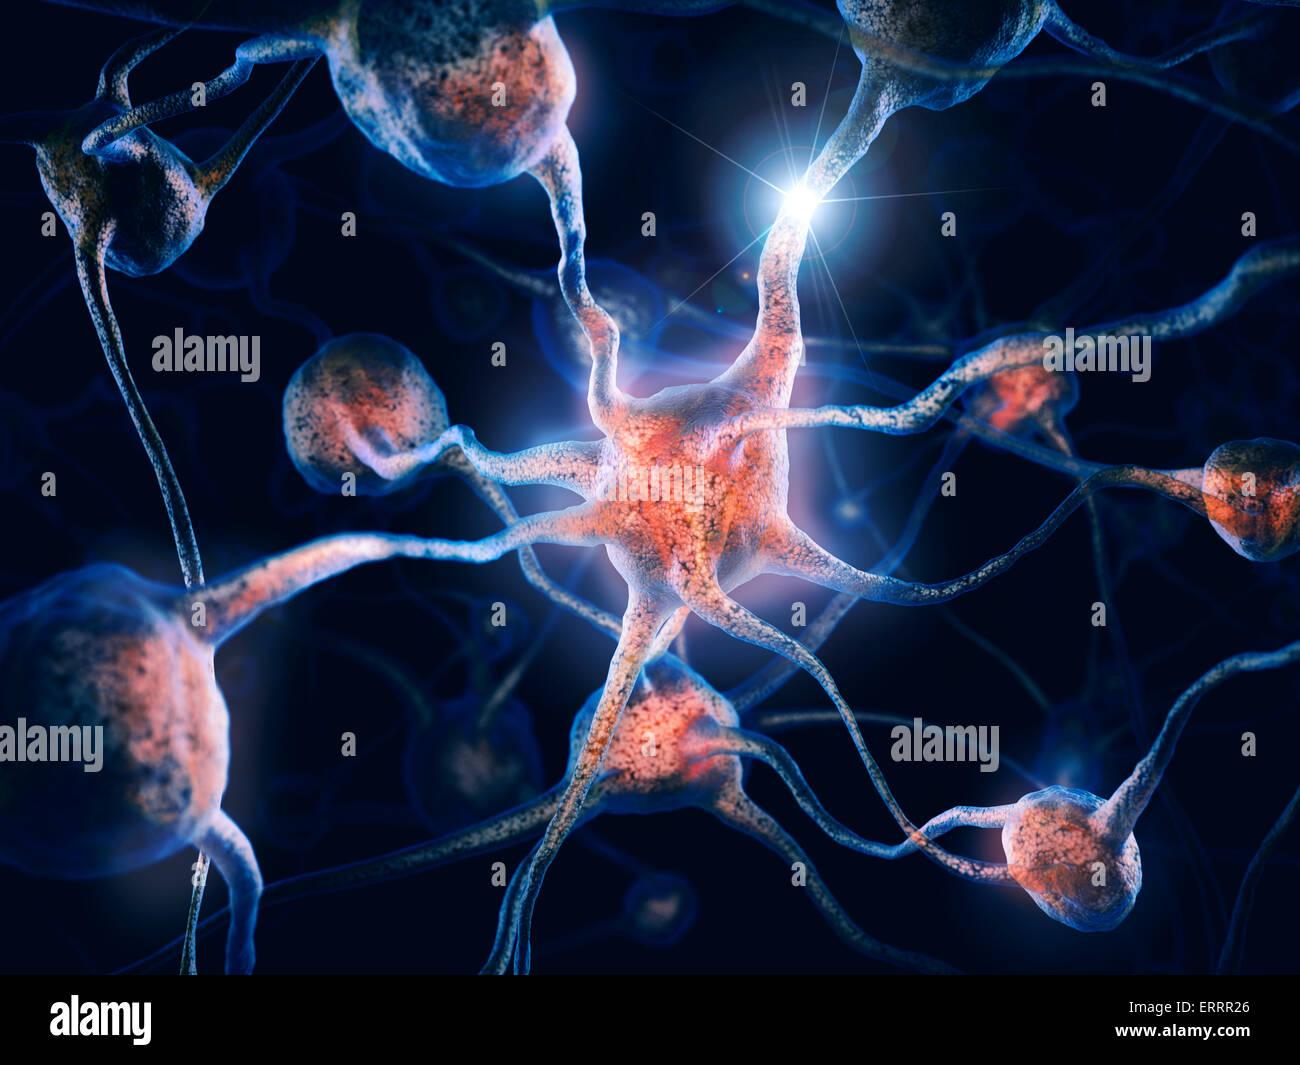 Netzwerk von Neuronen und Nervenverbindungen, Gehirnzellen, wissenschaftliche konzeptionelle 3D illustration Stockbild